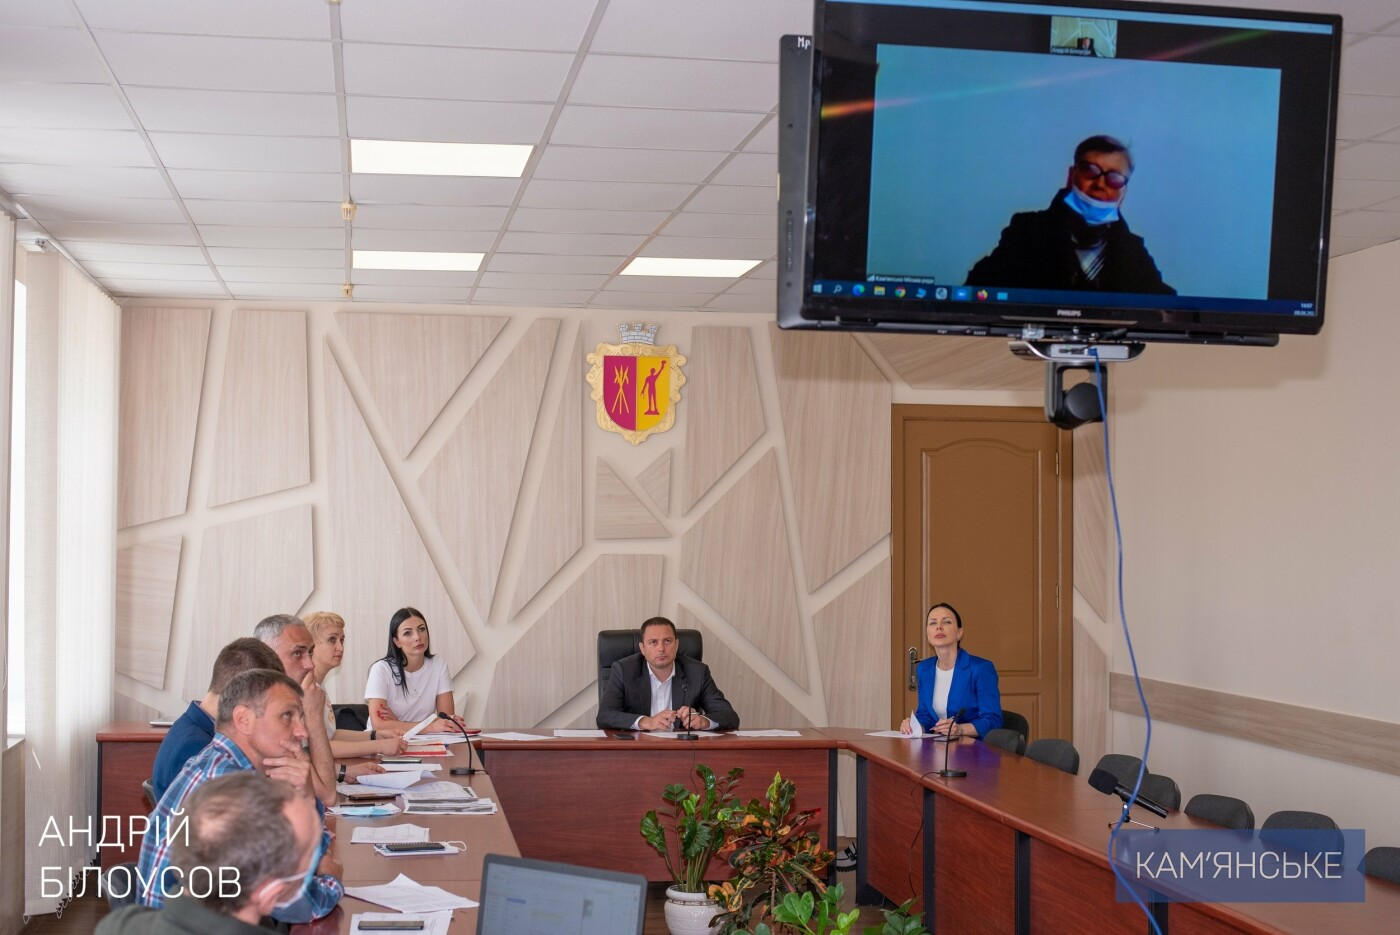 Мэр Каменского провел прием граждан, фото-1